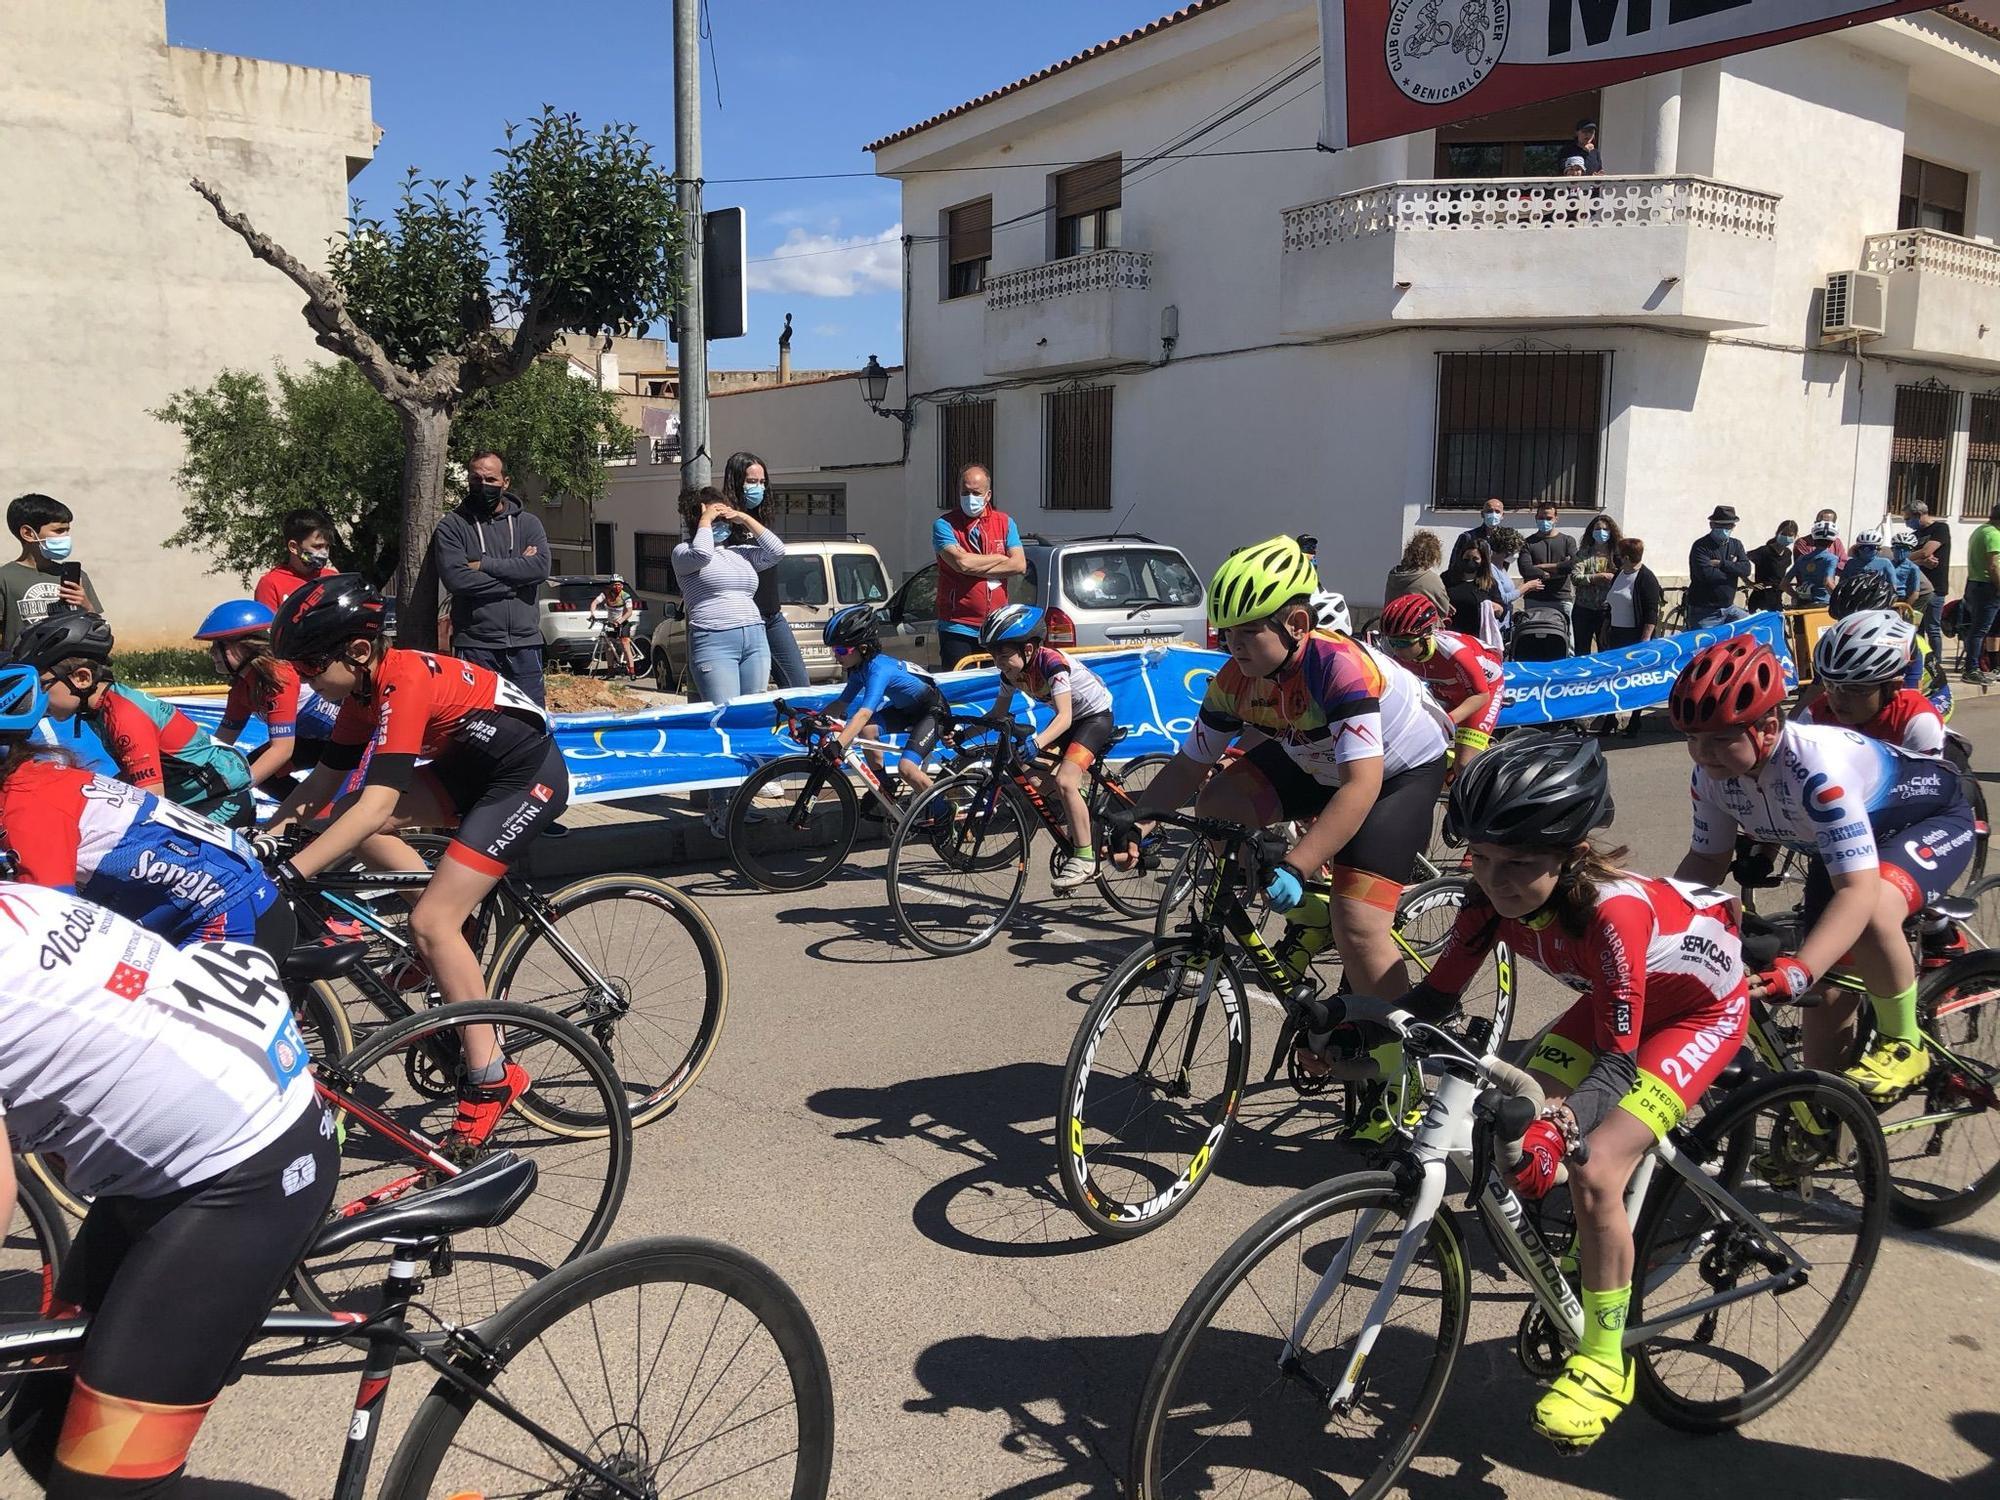 Primera Reunión de las Escuelas de Ciclismo de Castellón 2021